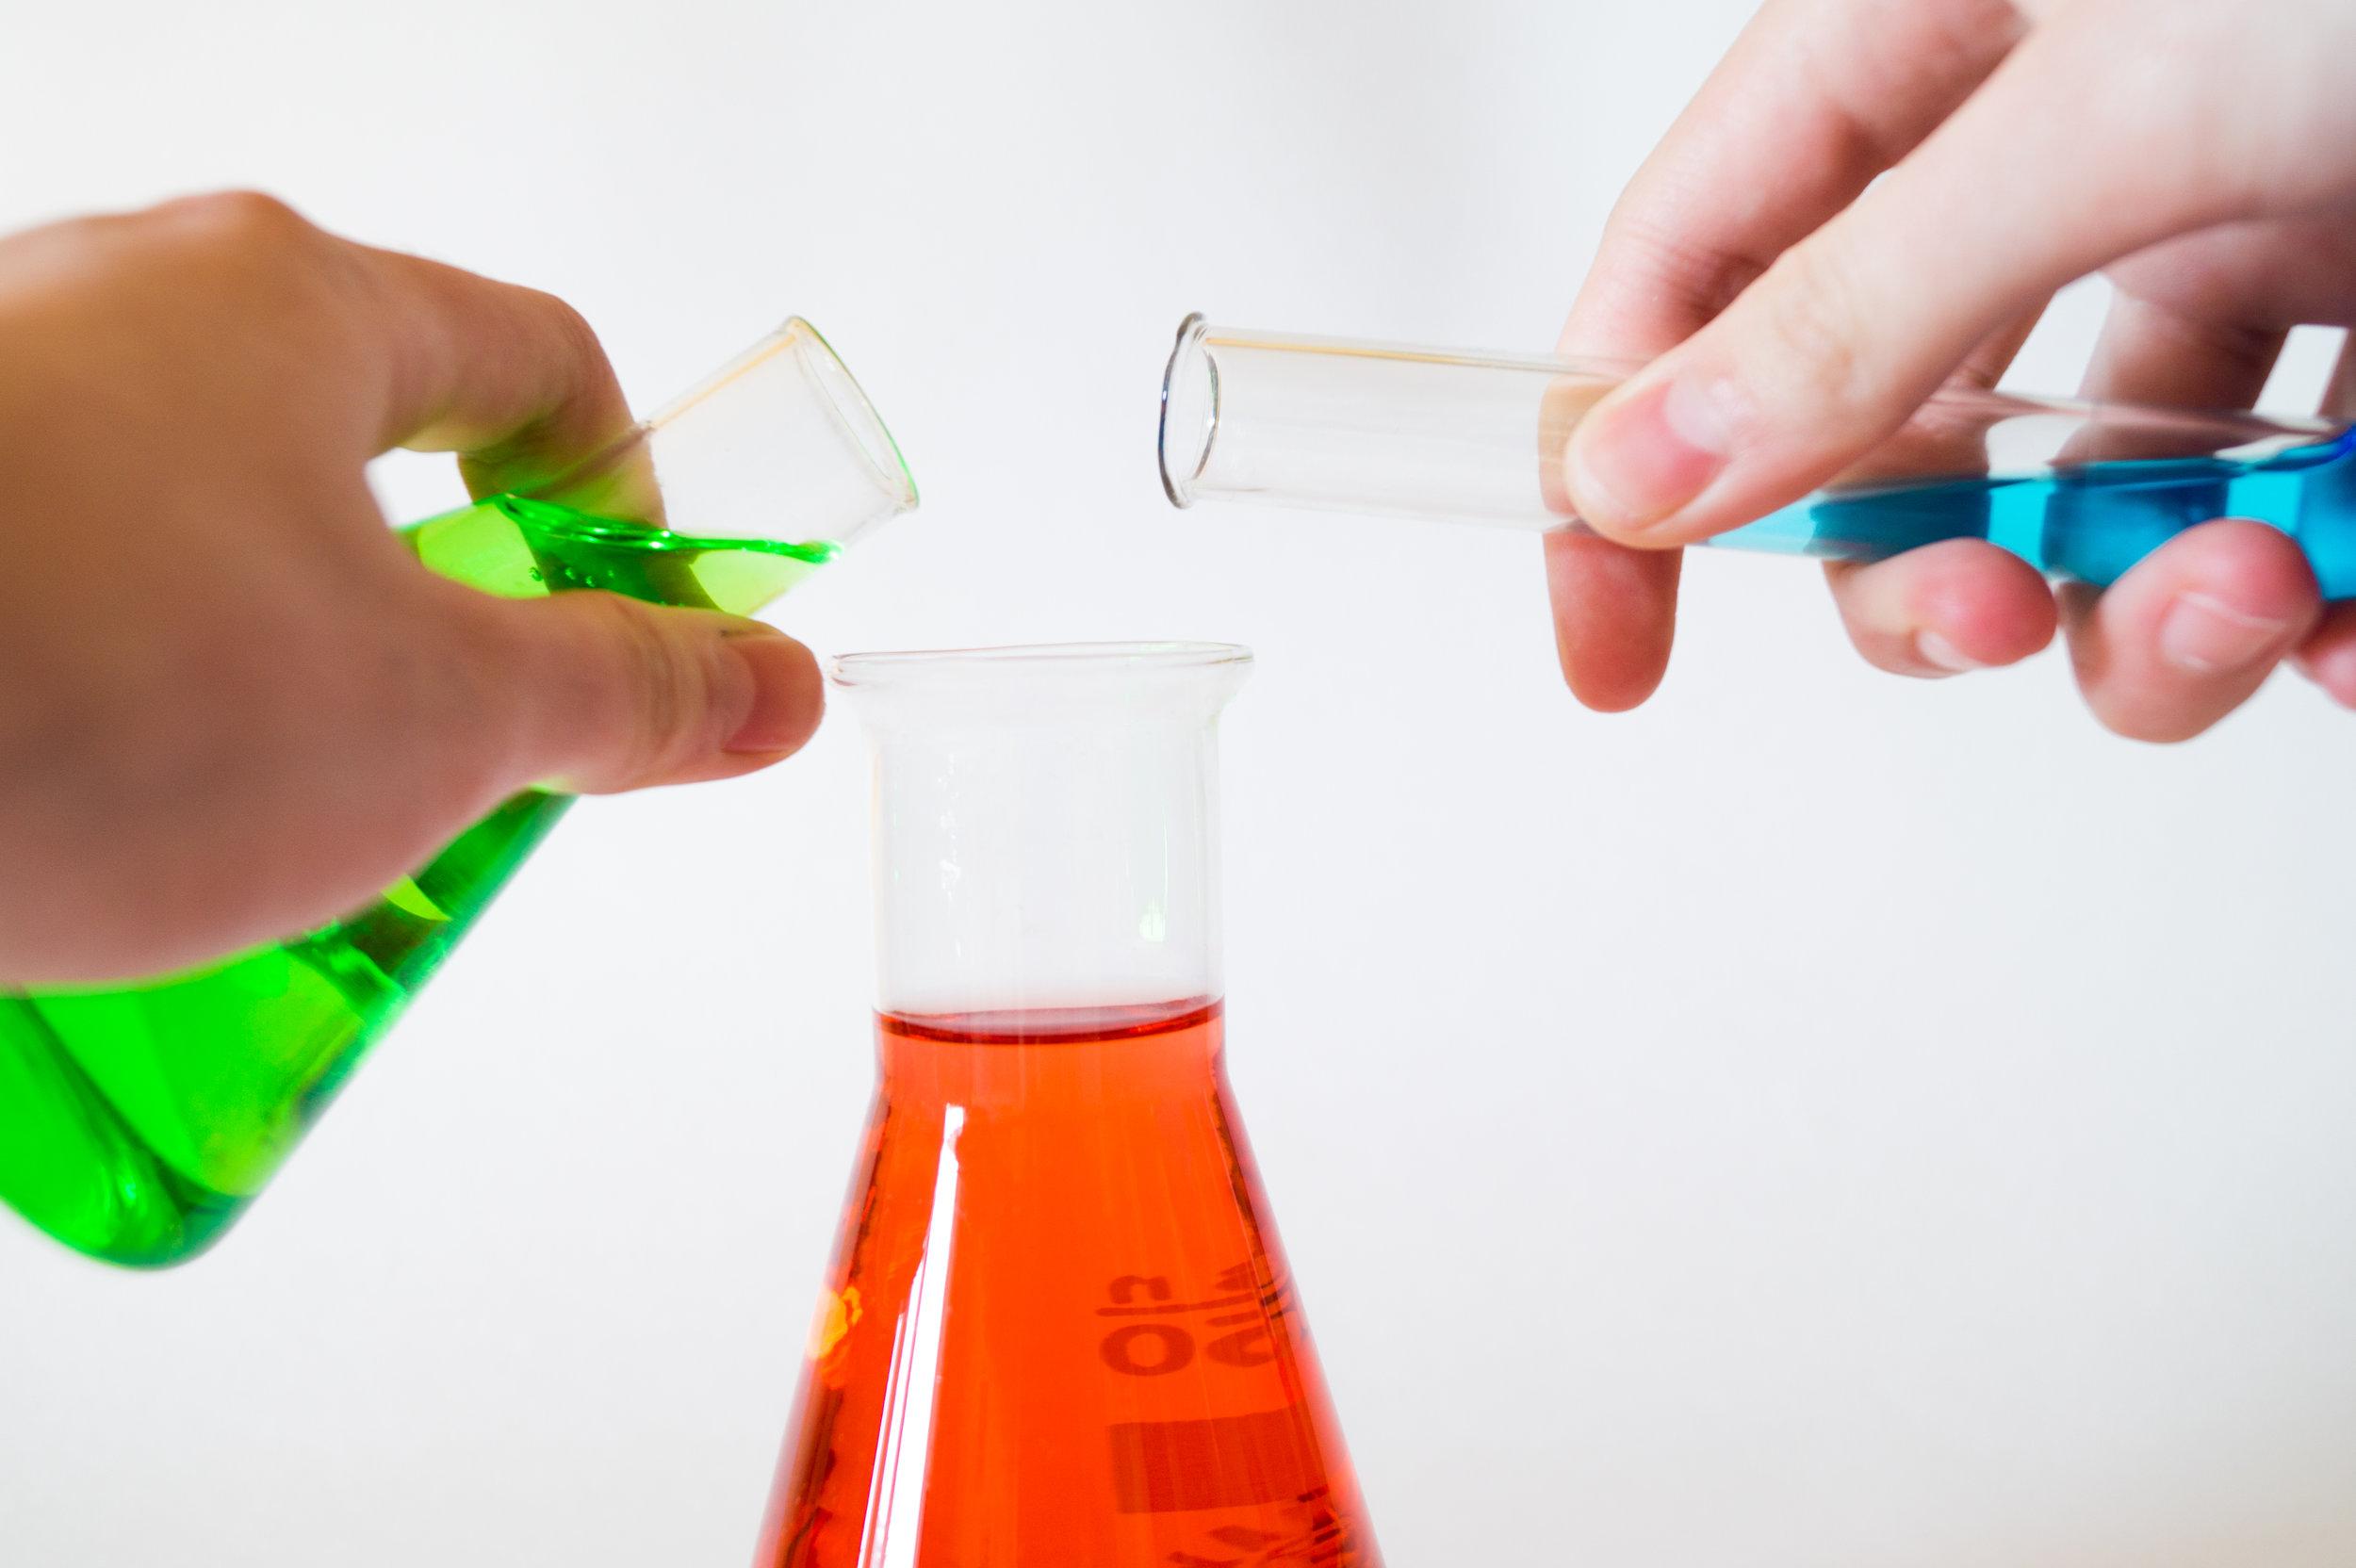 SUBTHEMA's - corrosie en fouling in zeewaterDuurzame chemieEcologisch verantwoorde chemische extractietechniekenEffect van de luchtkwaliteit op de gezondheid en op het comfort van nautisch personeelMilieutechnologie - waterProduct- en procesoptimalisatie in de brouwerijsectorValorisatie van afval- en nevenstromen